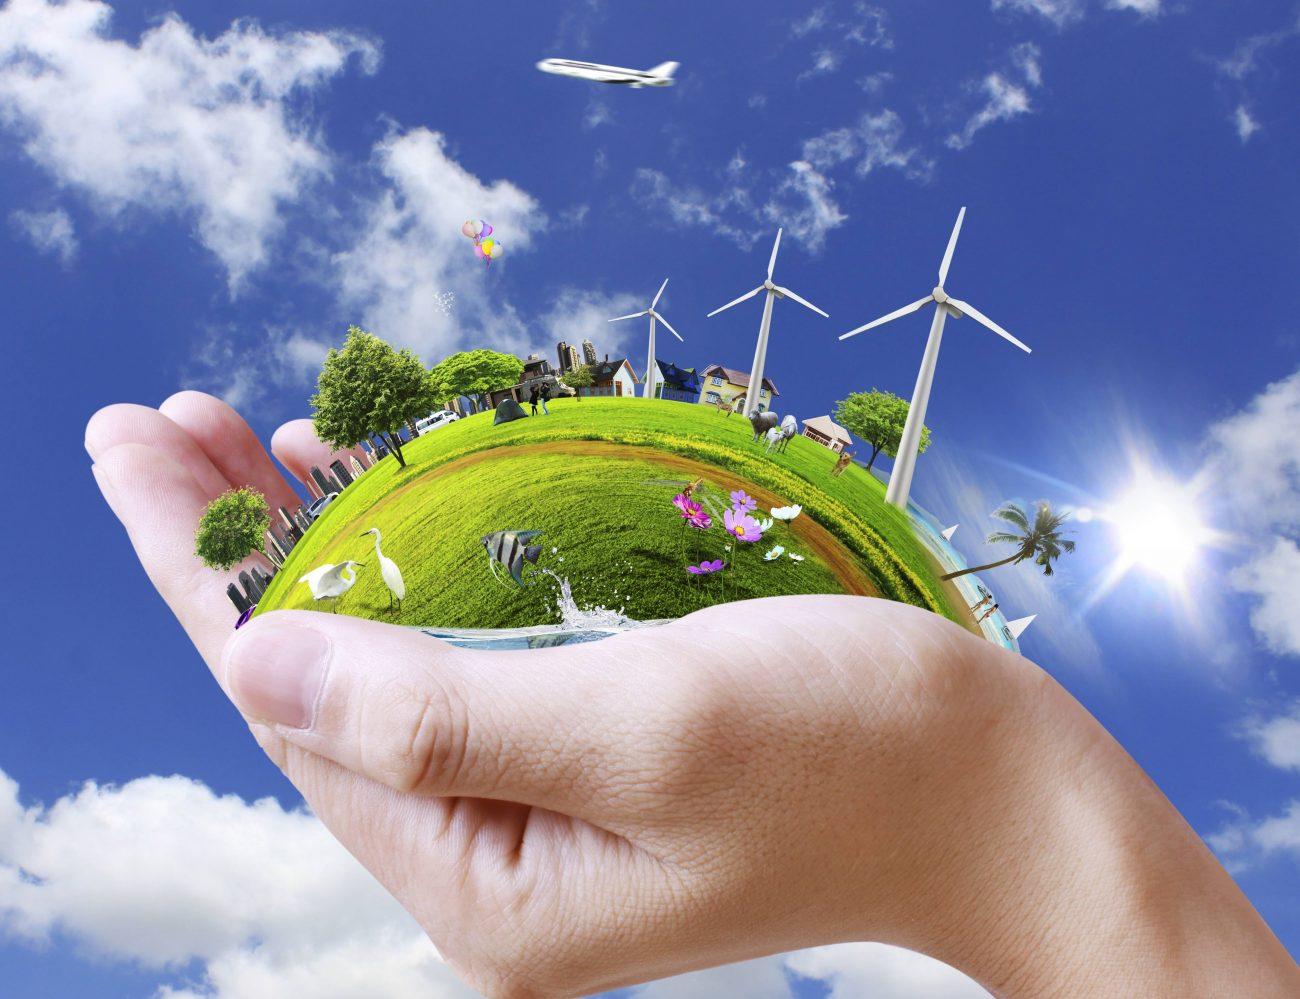 92429 - Югра на 62 месте экологического рейтинга. На первом Алтай, на последнем Челябинск